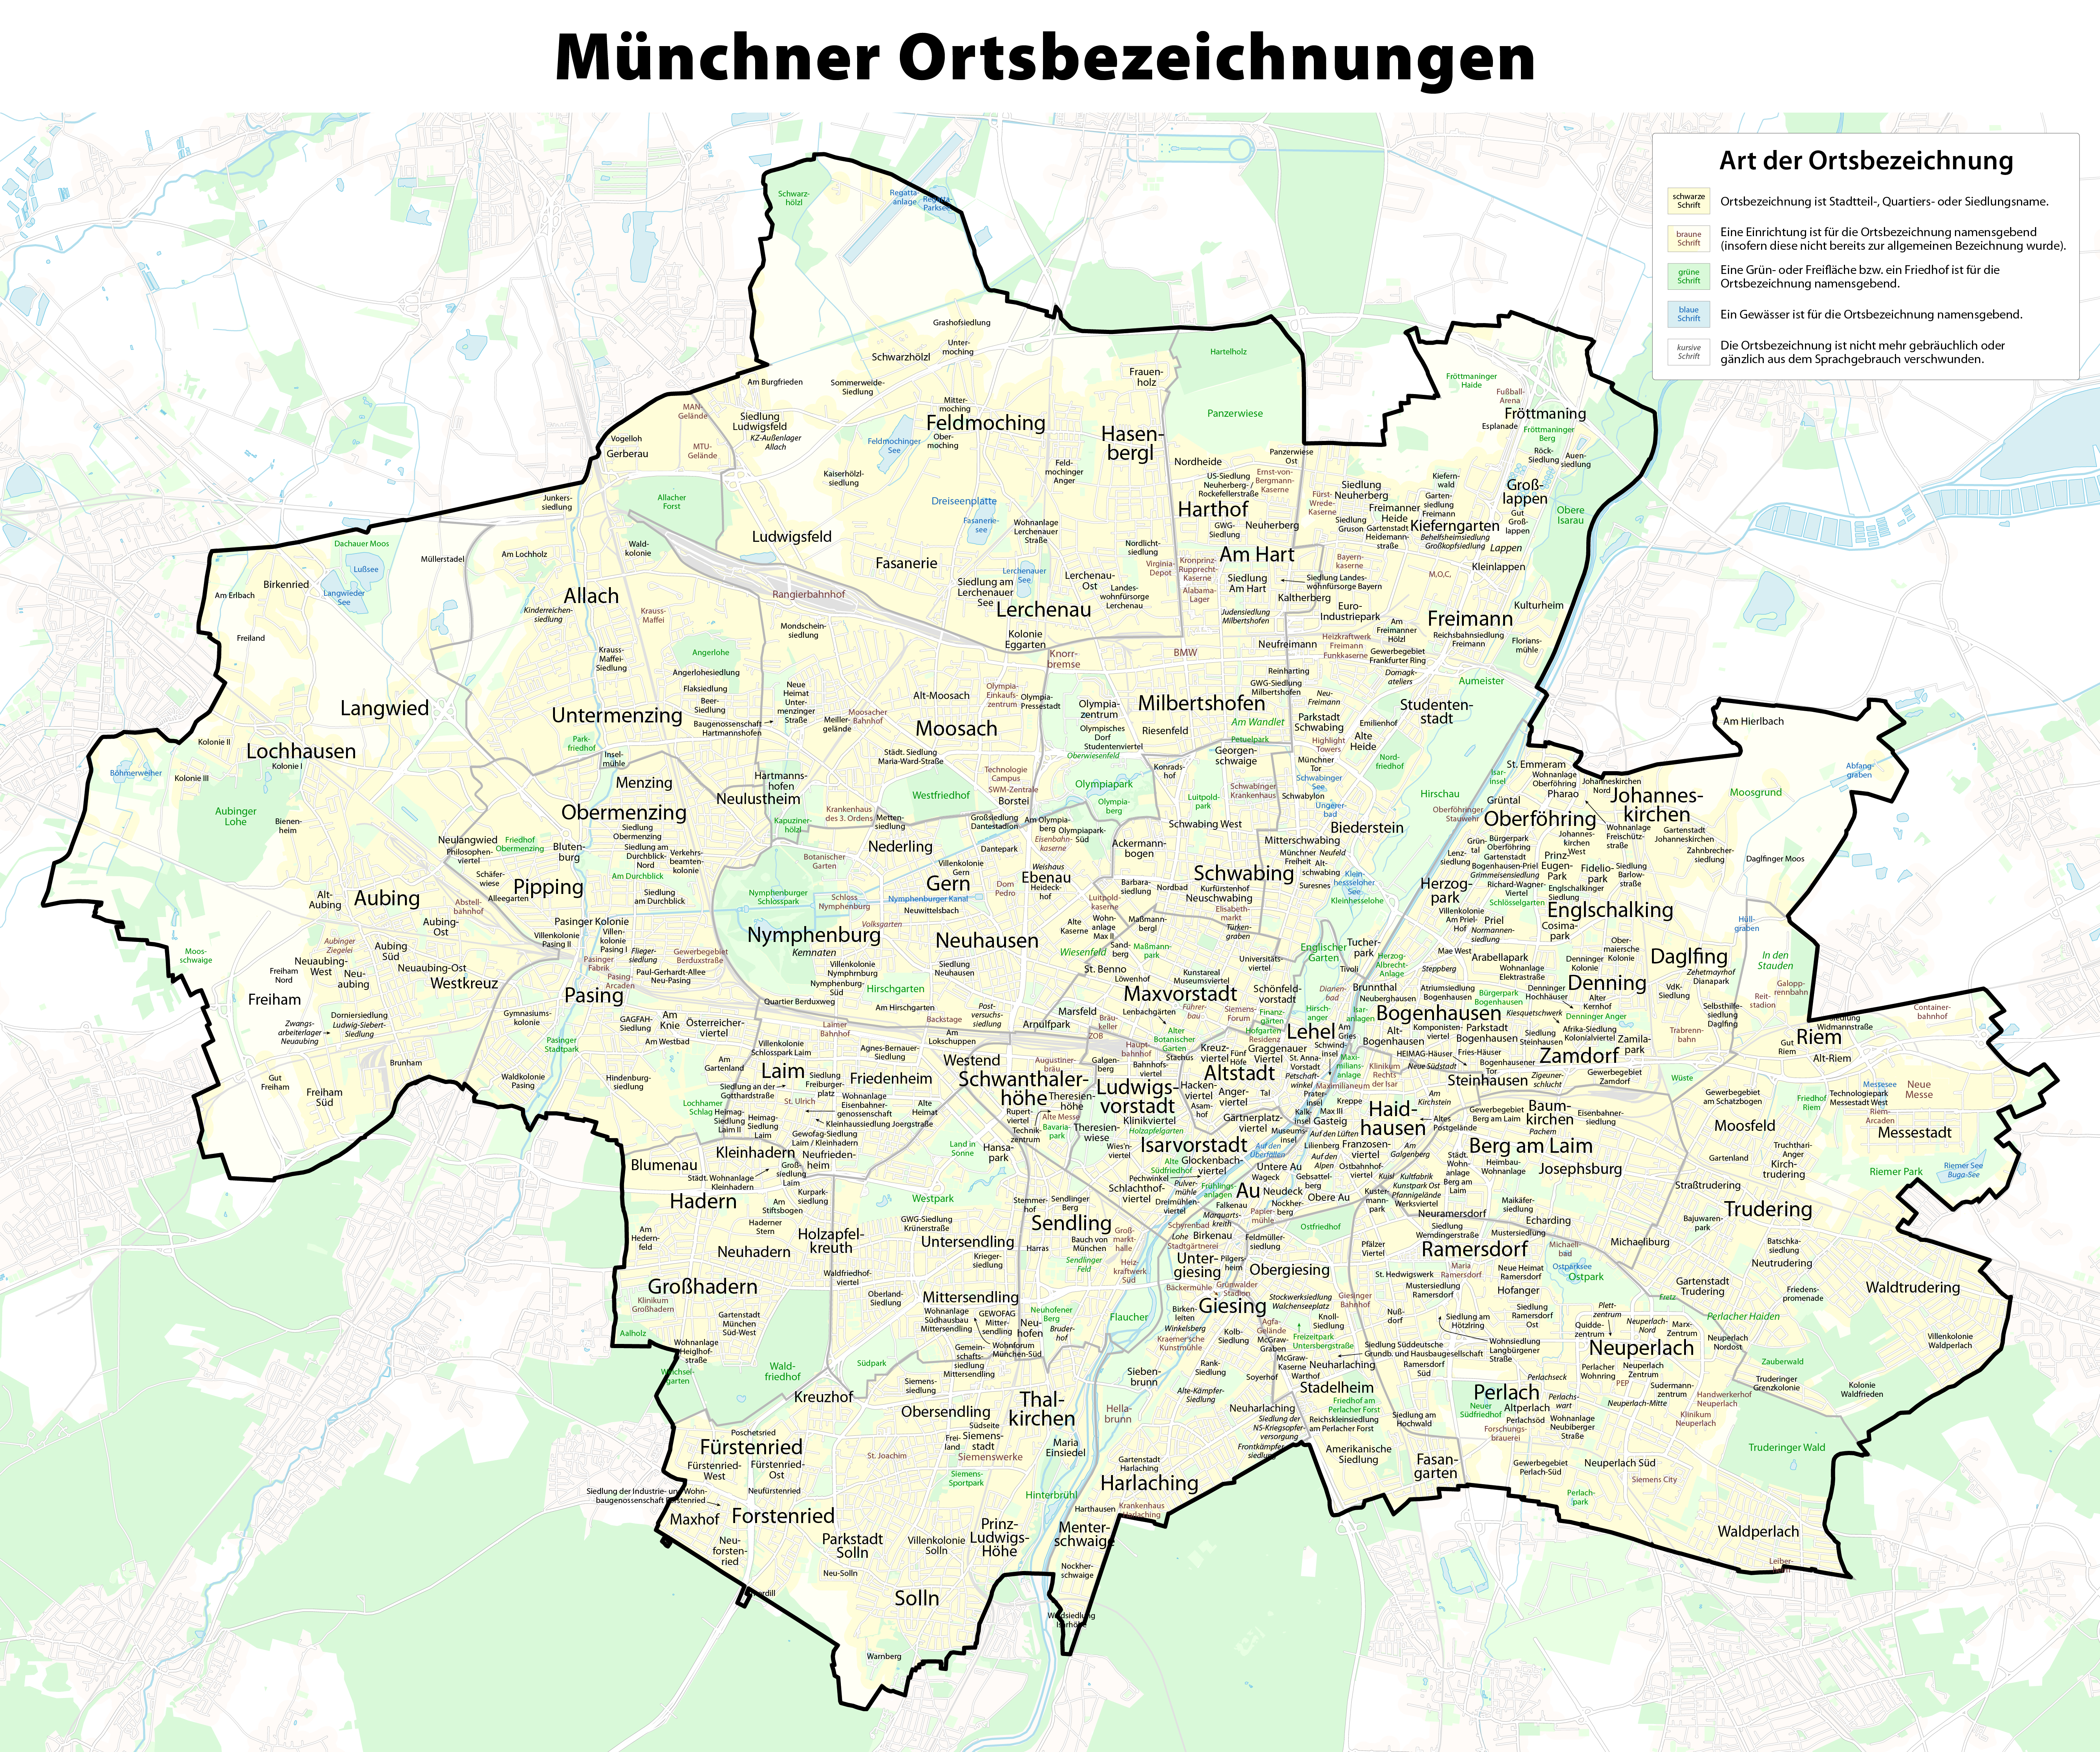 File Karte Der Ortsbezeichnungen In Munchen Png Wikimedia Commons